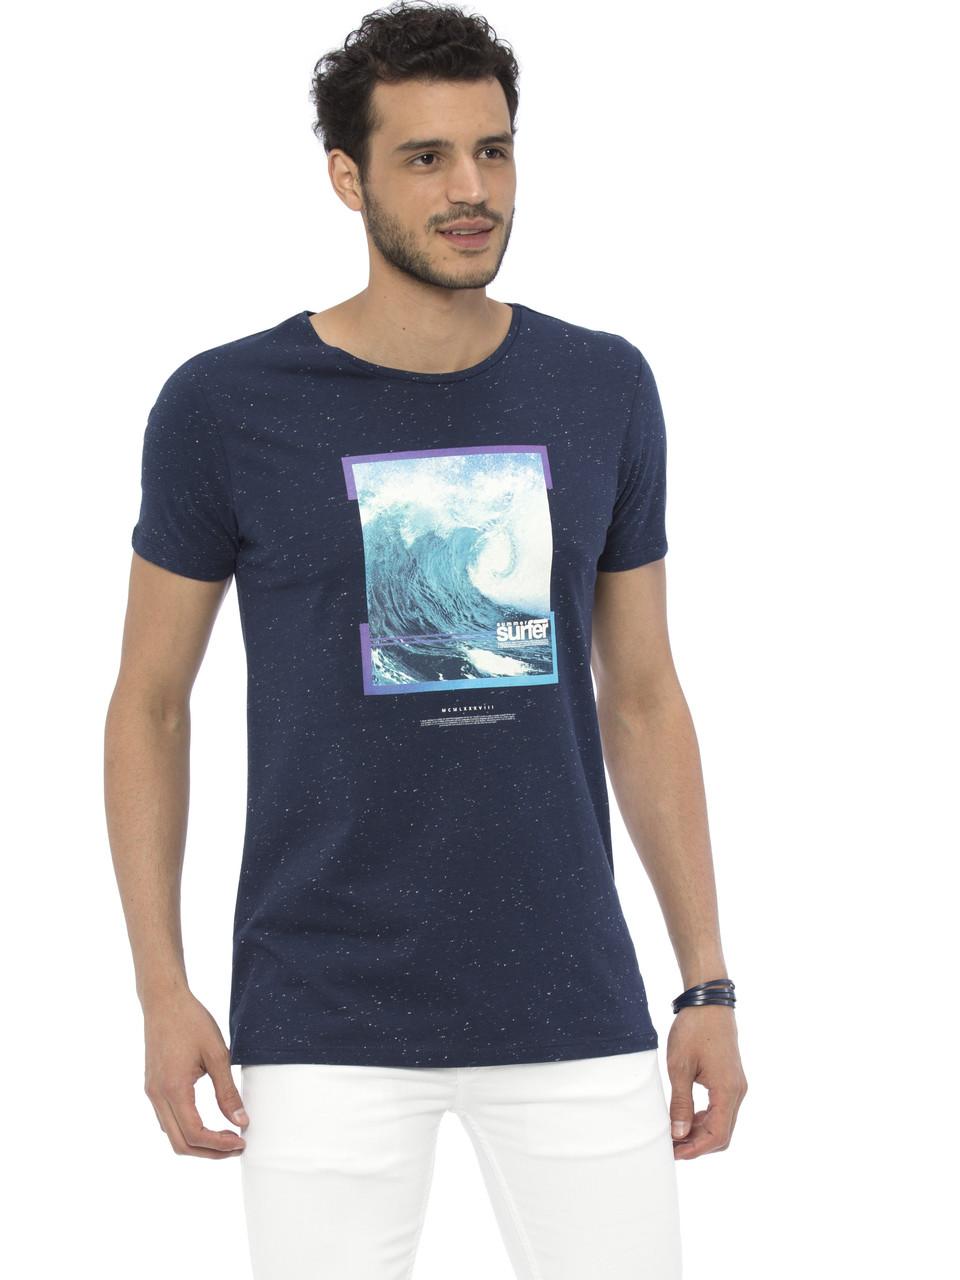 Синяя мужская футболка LC Waikiki / ЛС Вайкики с картинкой на груди